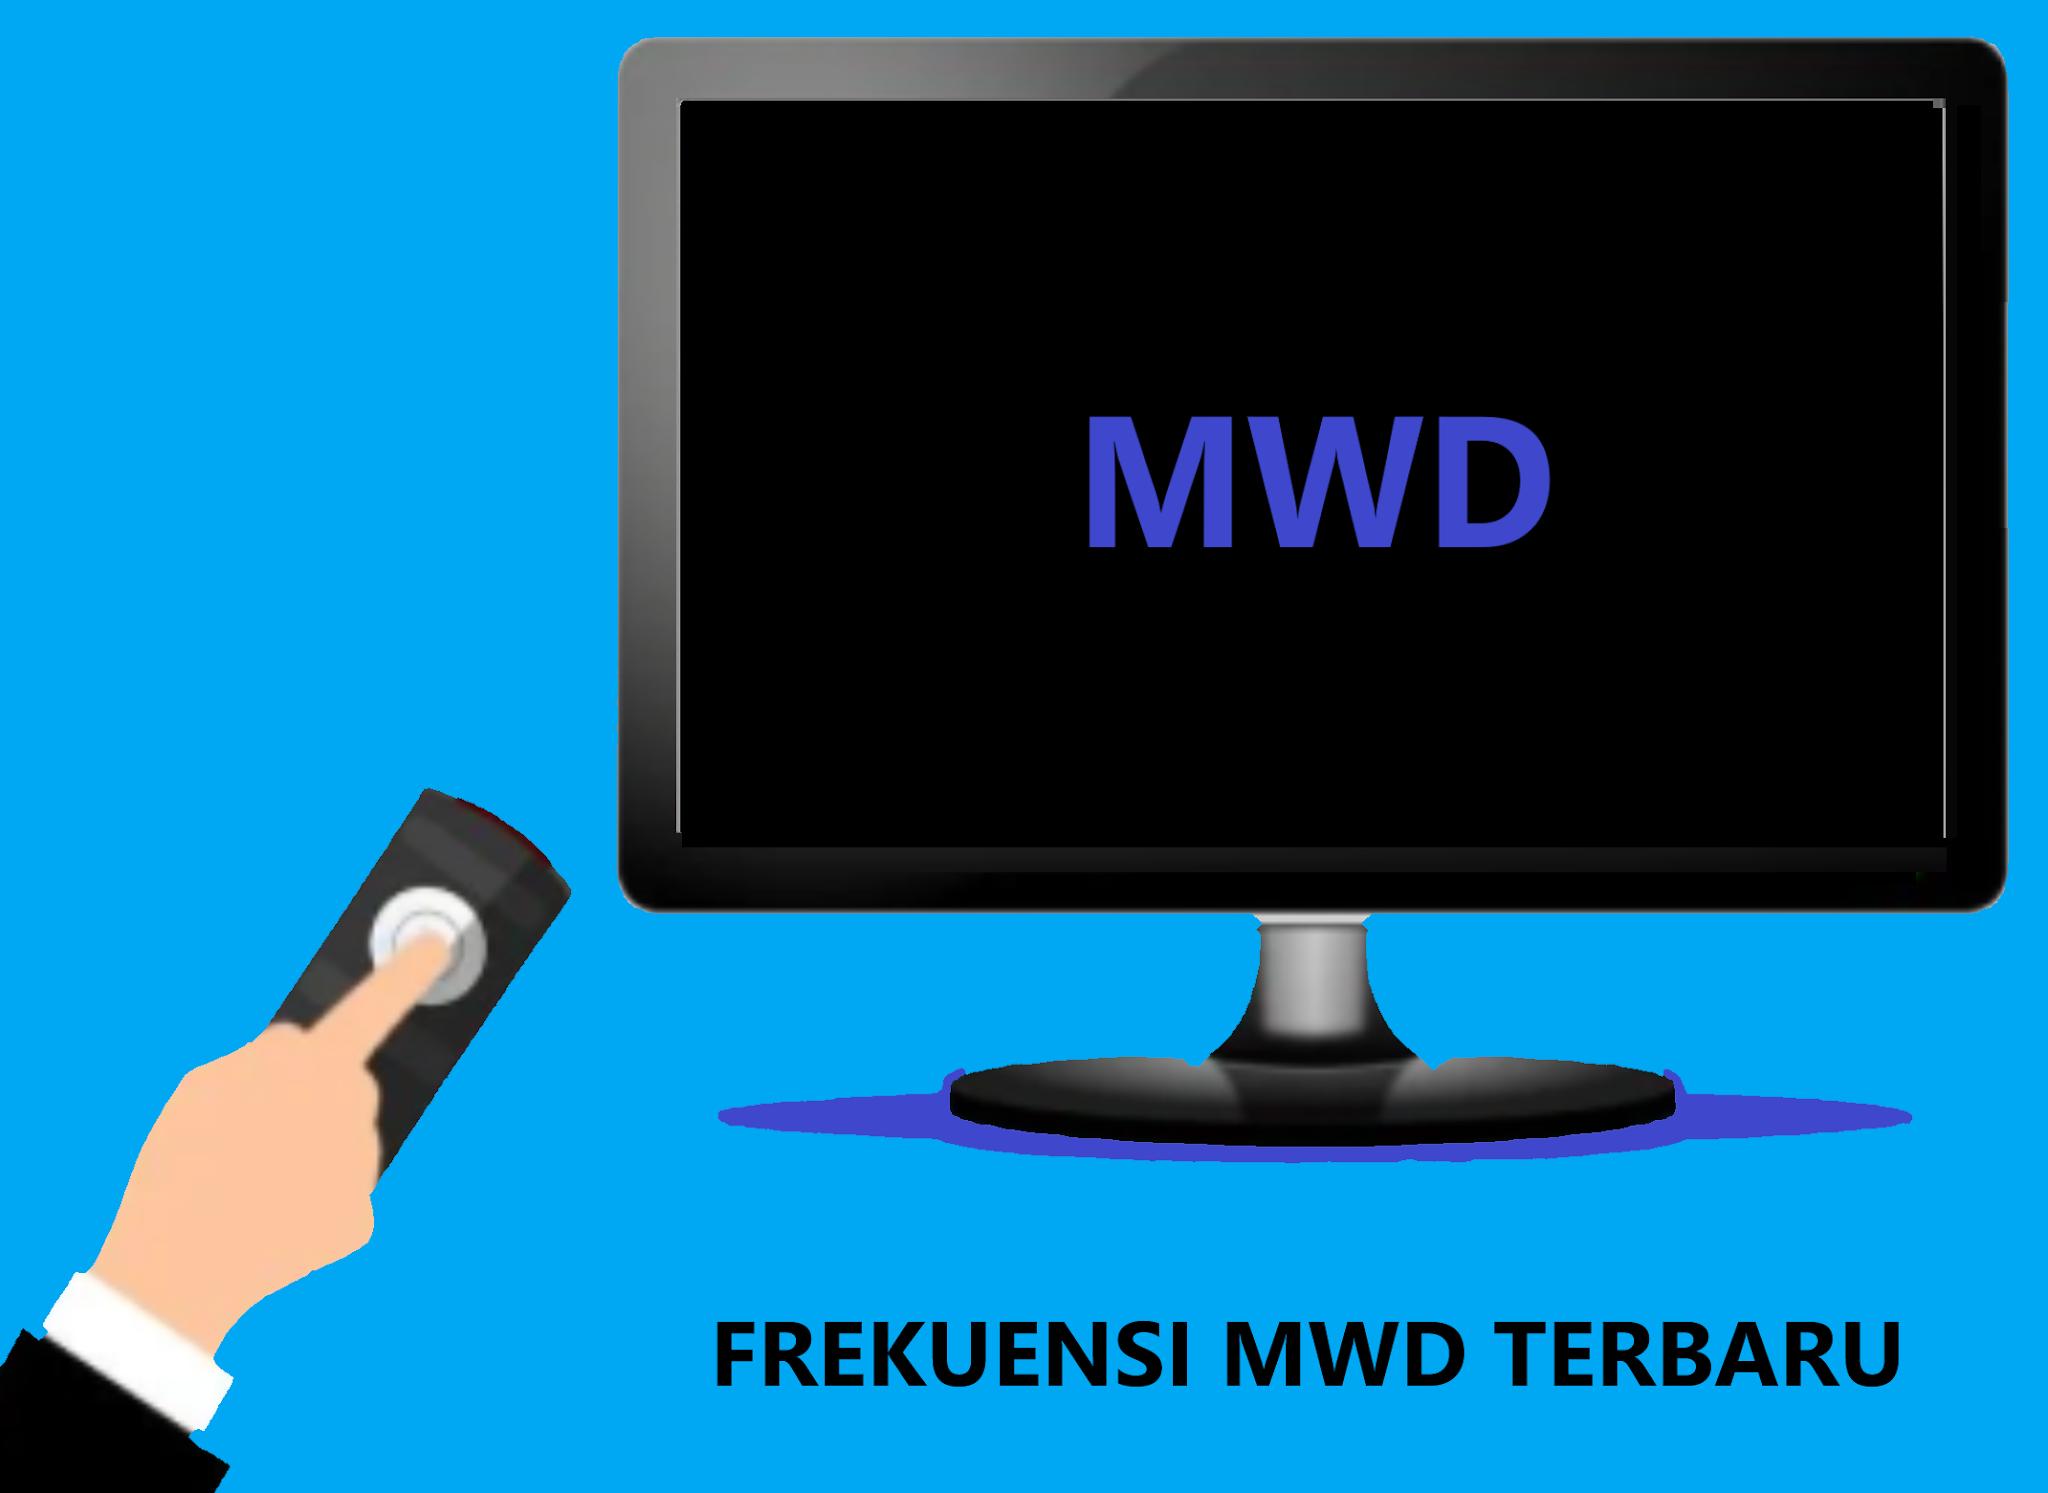 Frekuensi MWD Terbaru 2020